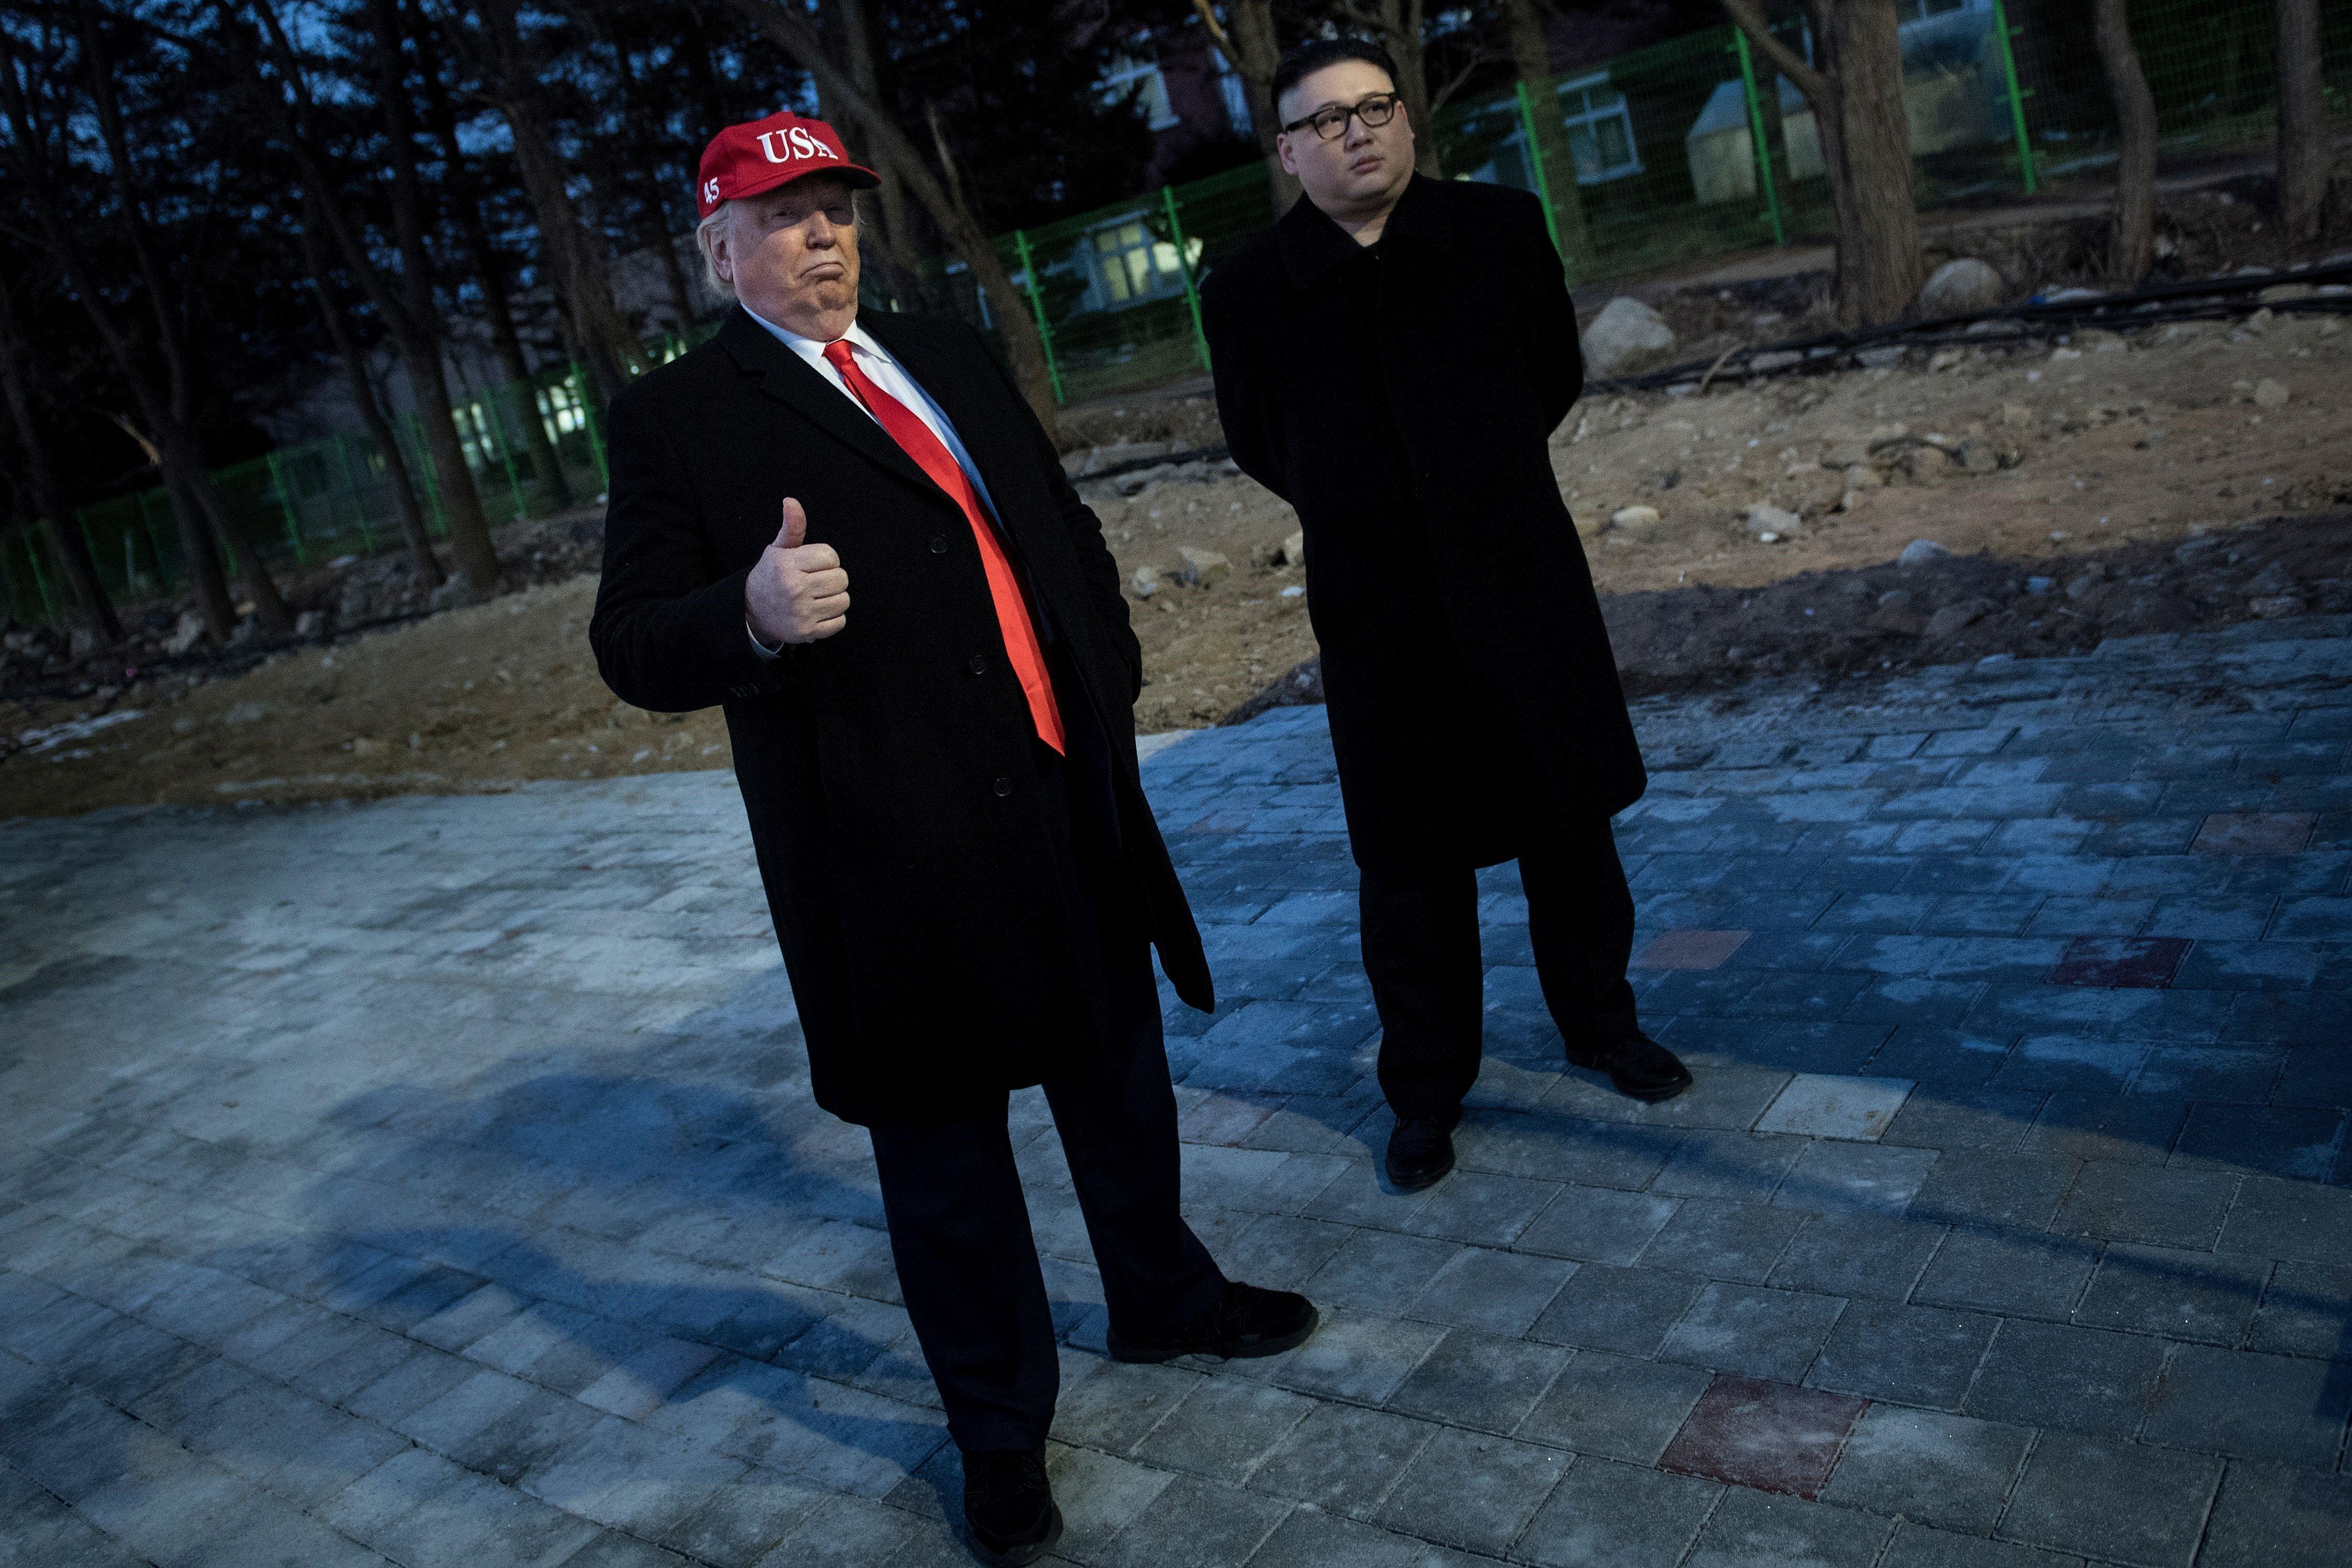 Sosies de Donald Trump et Kim Jong Un lors de la cérémonie d'ouverture des Jeux Olympiques 2018